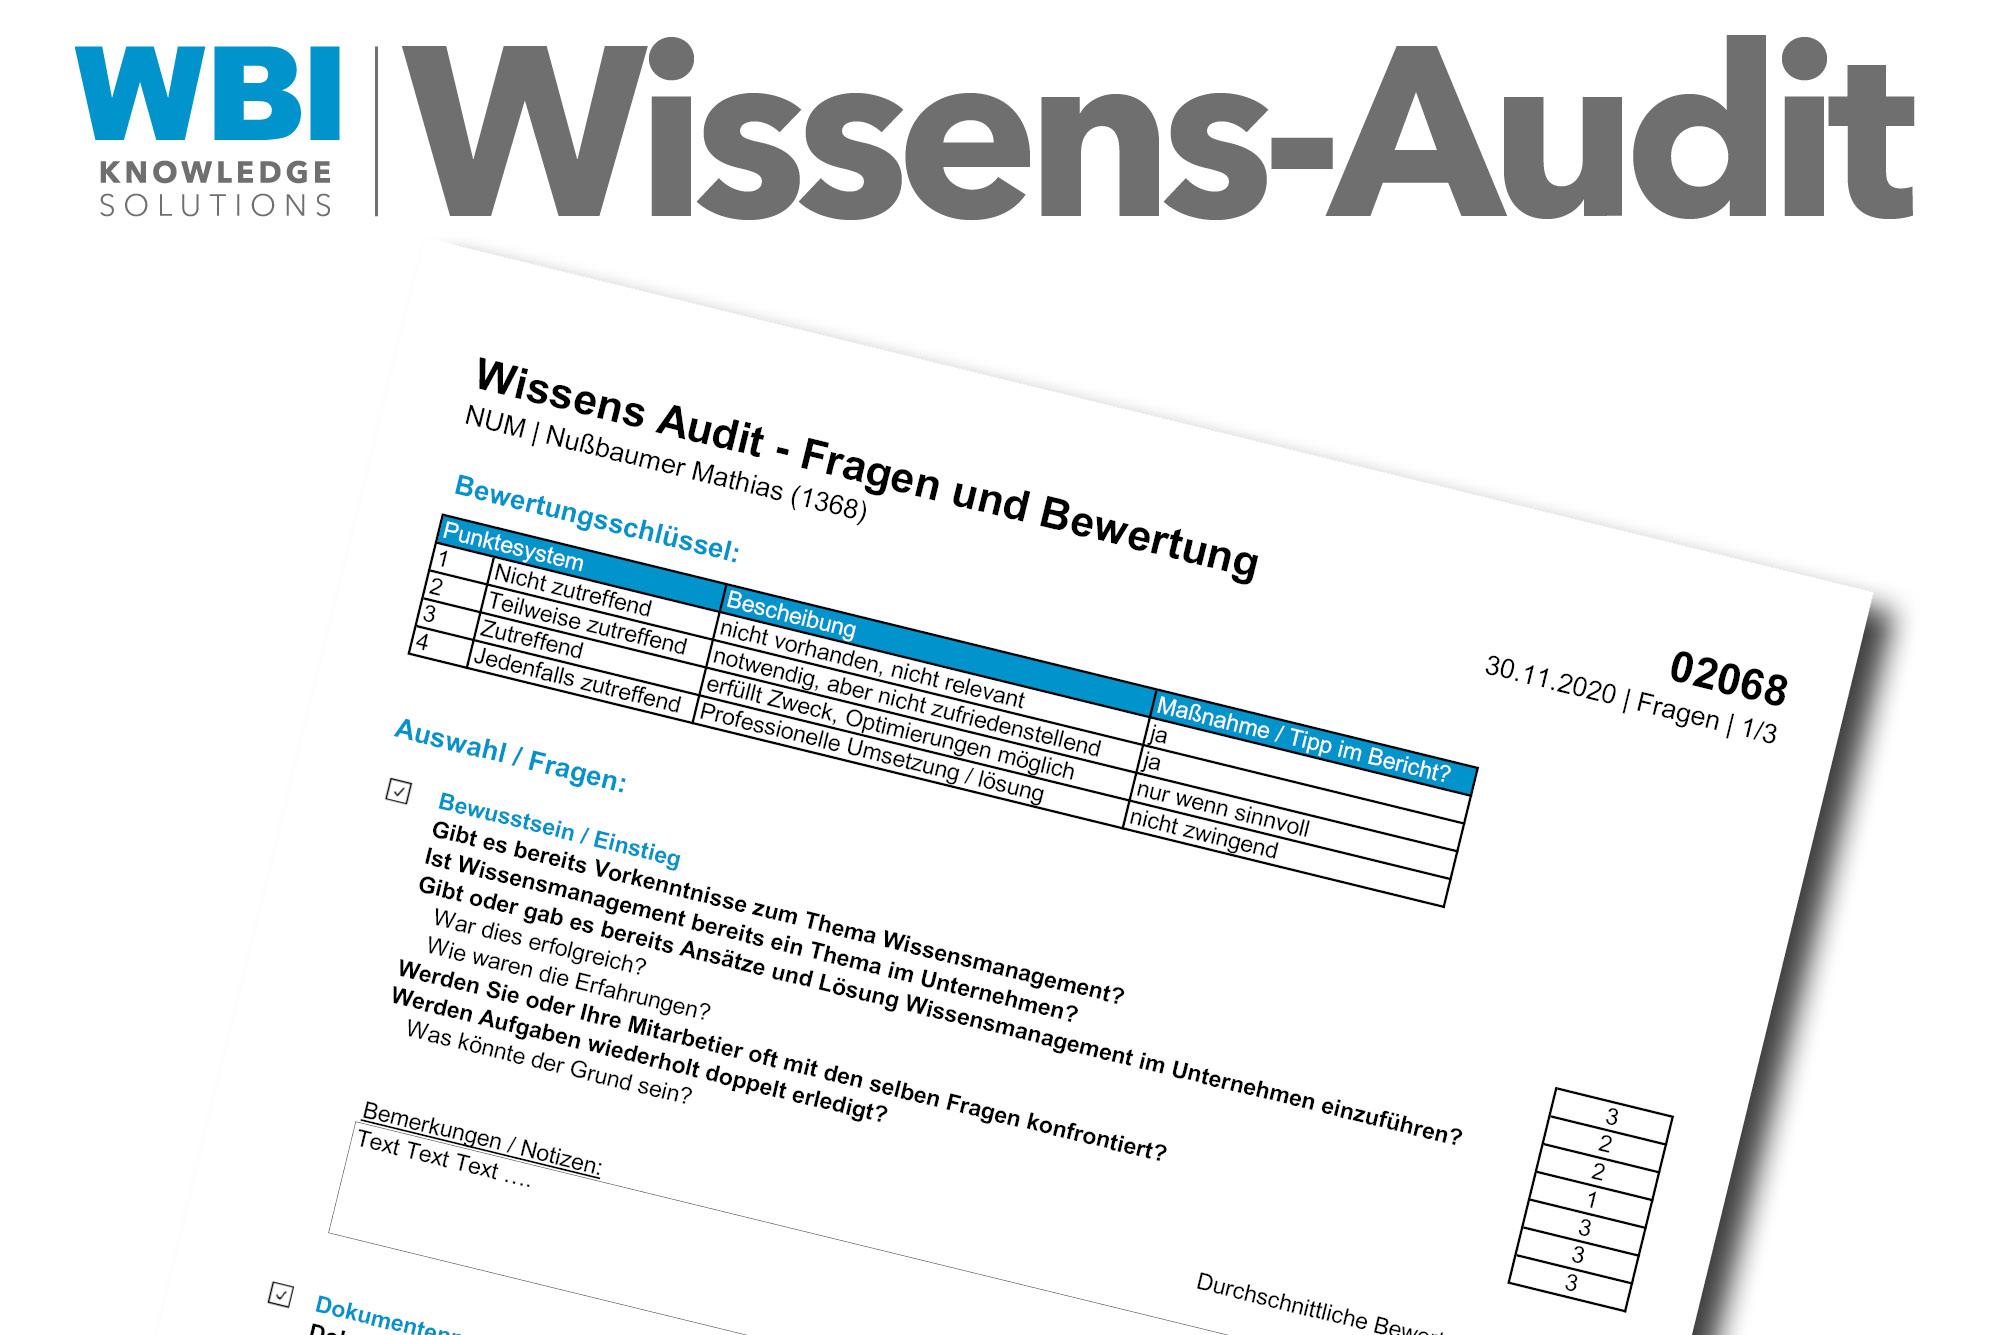 wbi-wissens-audit-fragen-bewertung